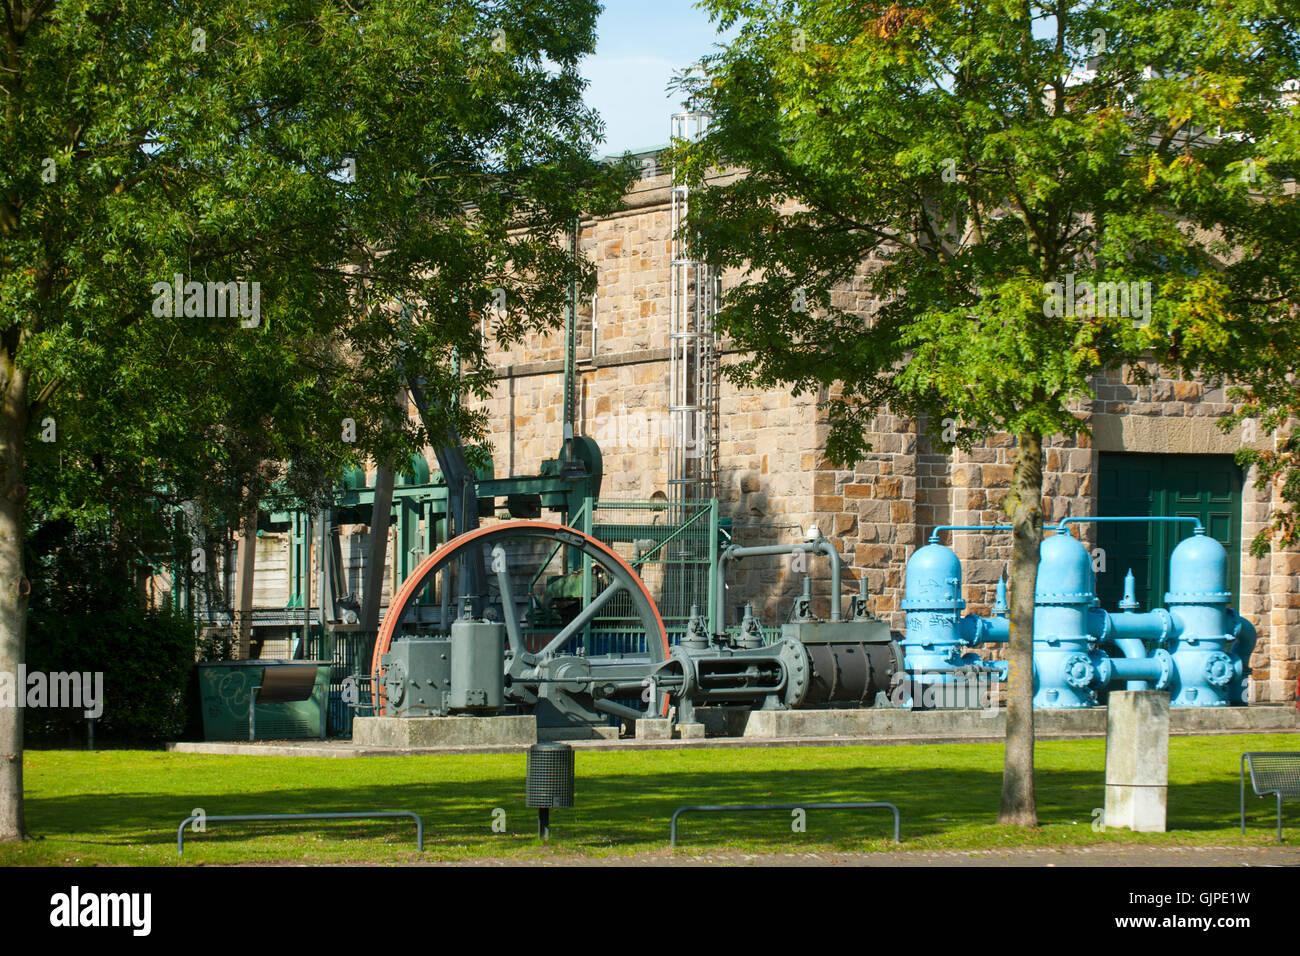 Deutschland, Nordrhein-Westfalen, Mühlheim an der Ruhr, Schleuseninsel, Wasserkraftwerk Kahlenberg - Stock Image